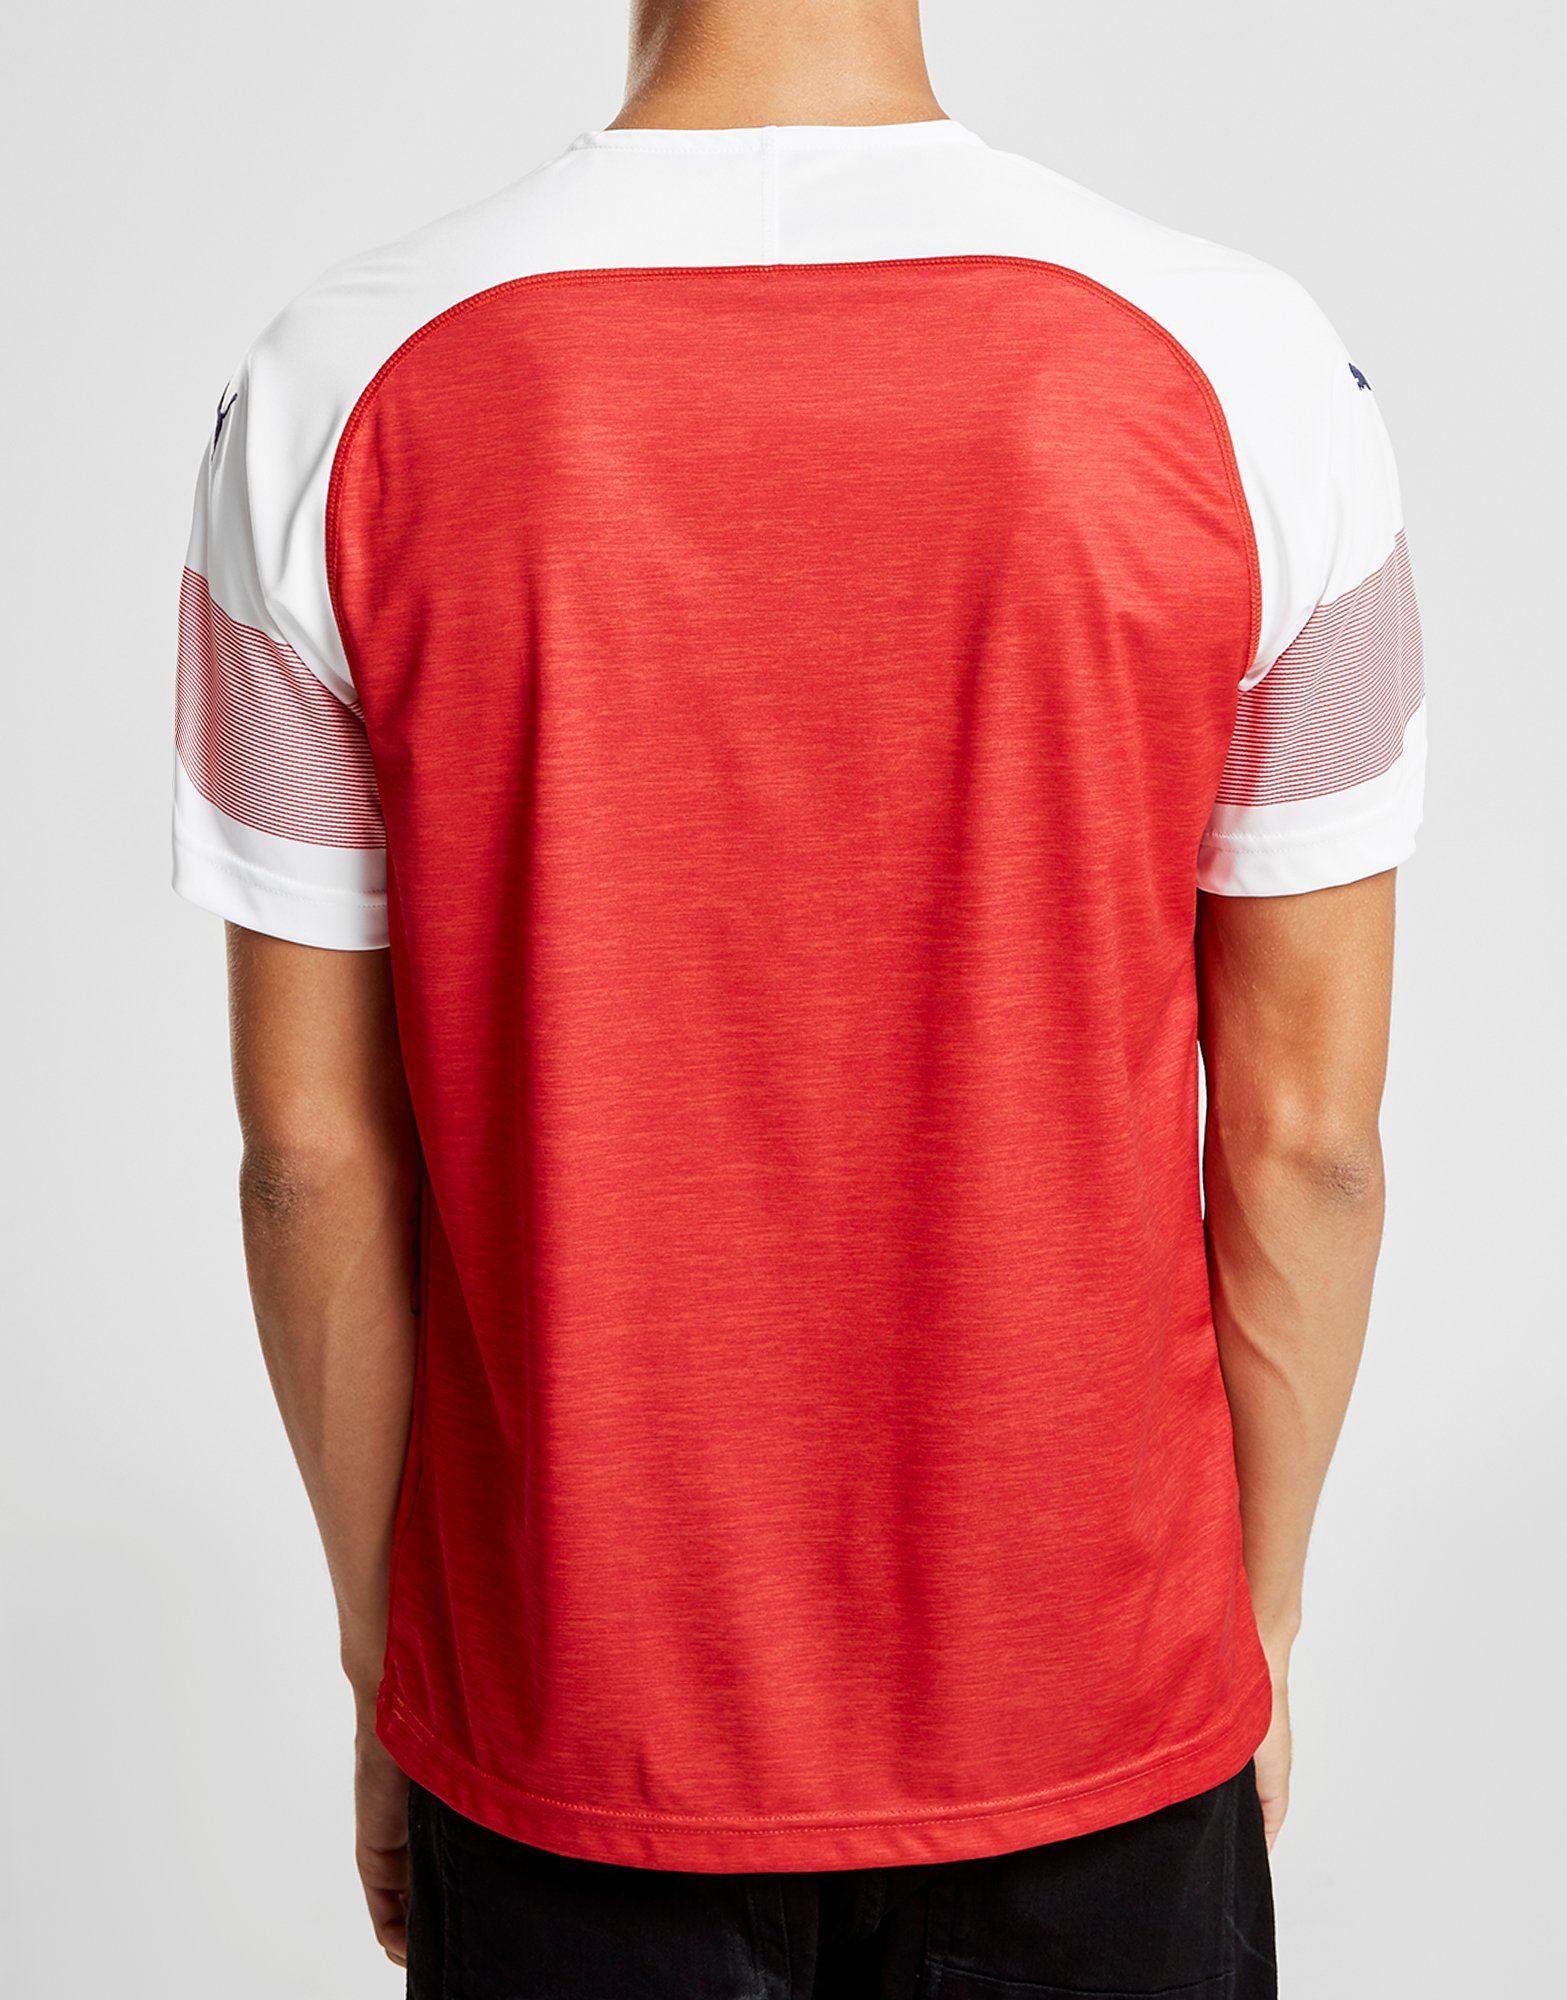 PUMA camiseta Arsenal FC 2018/19 1.ª equipación